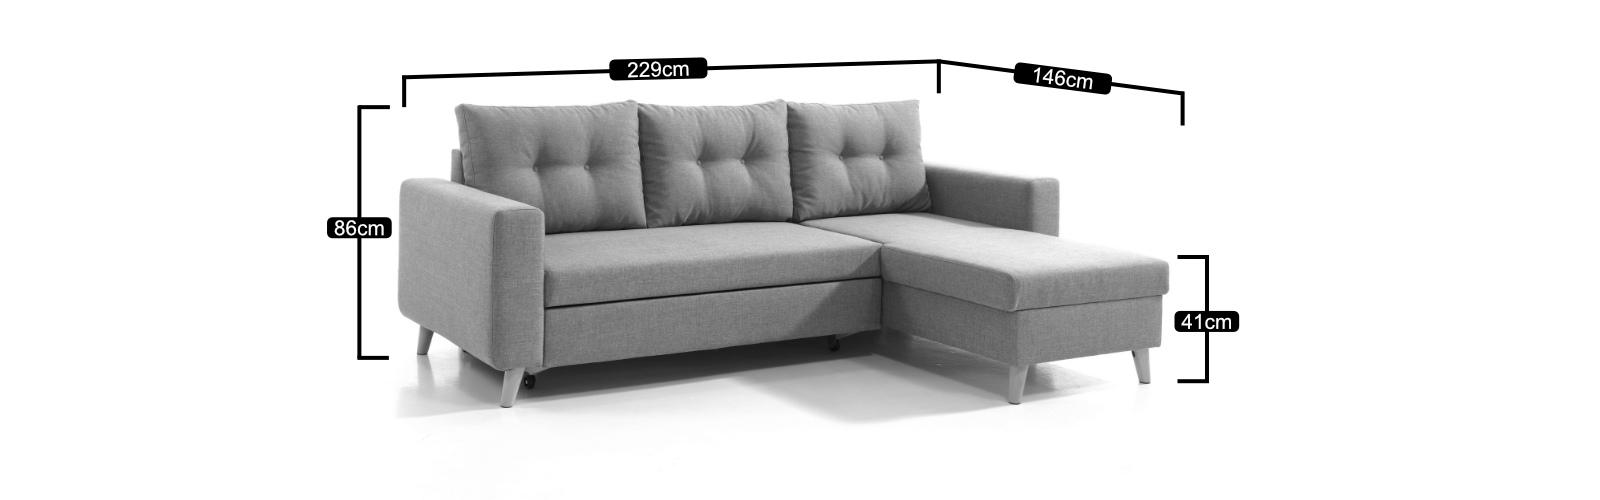 Les dimensions du canapé d'angle réversible Nordic